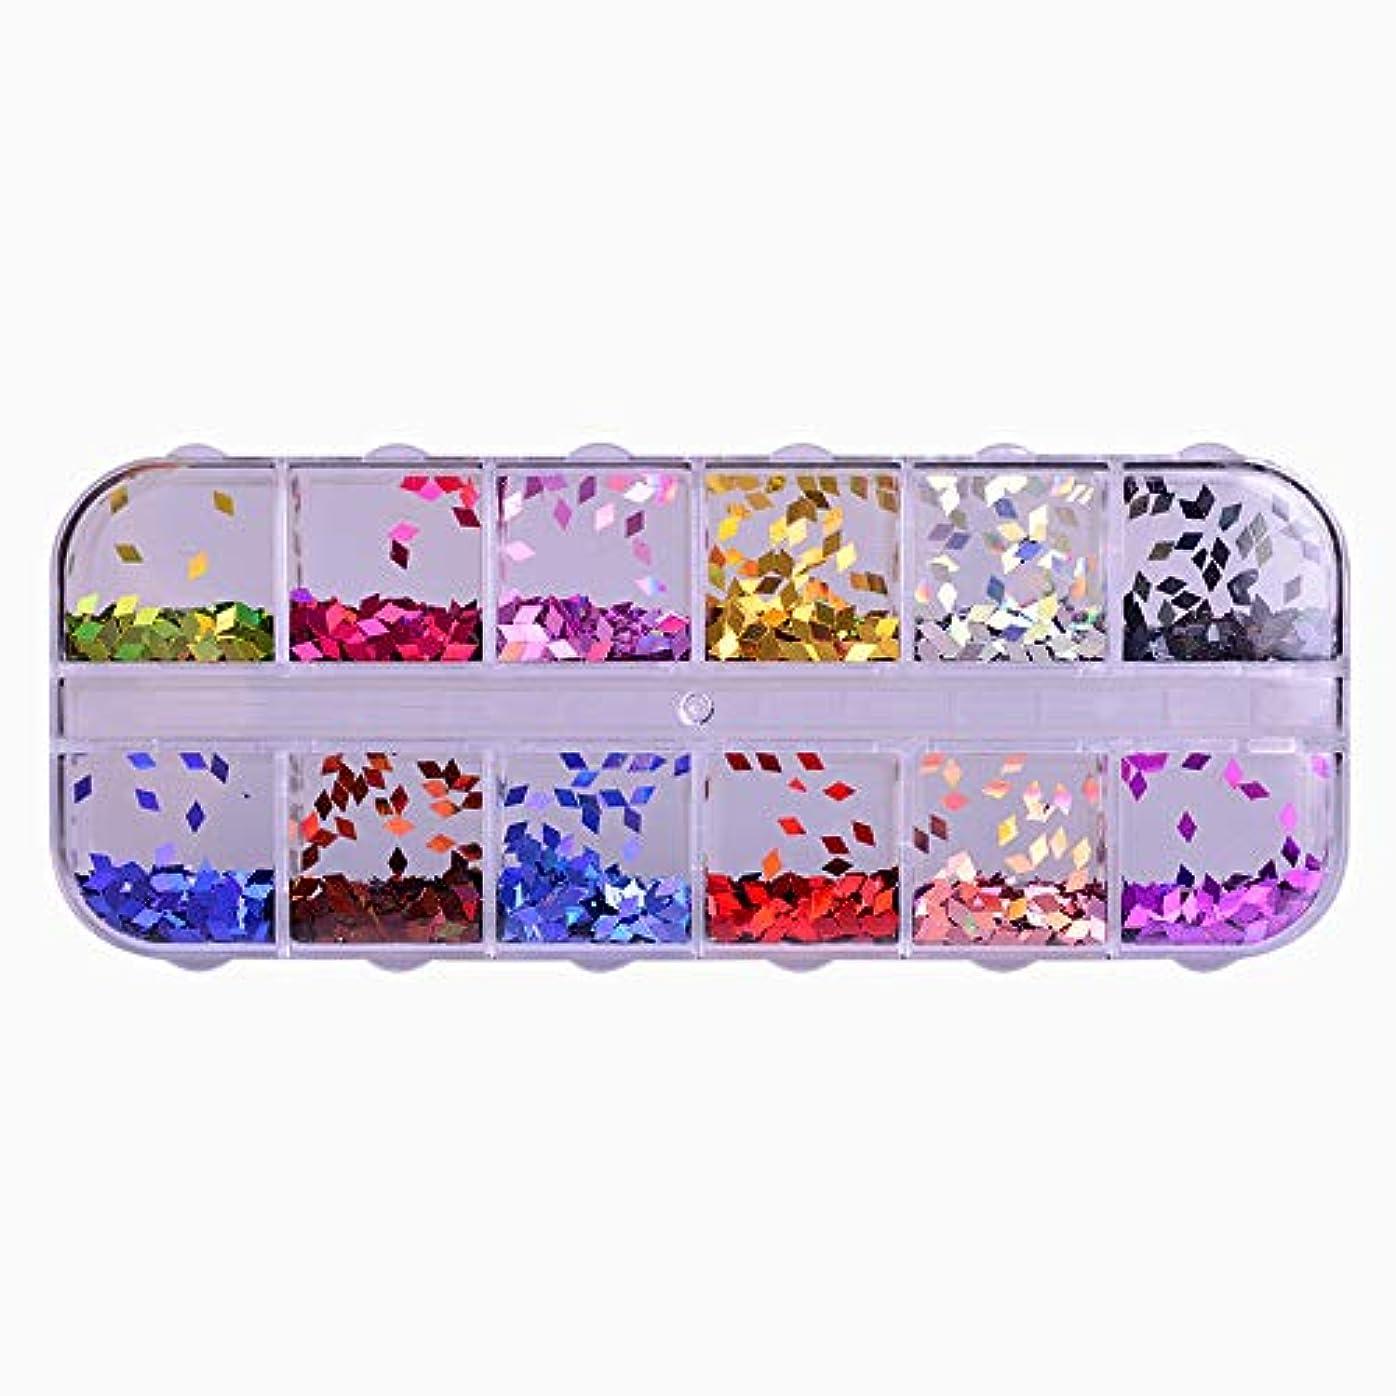 威する無秩序消毒する12 Color Rhombus Laser Sequin Nail Art Sparkly Slice Paillette 3D Salon Decor Accessory for DIY Glitter Flake...